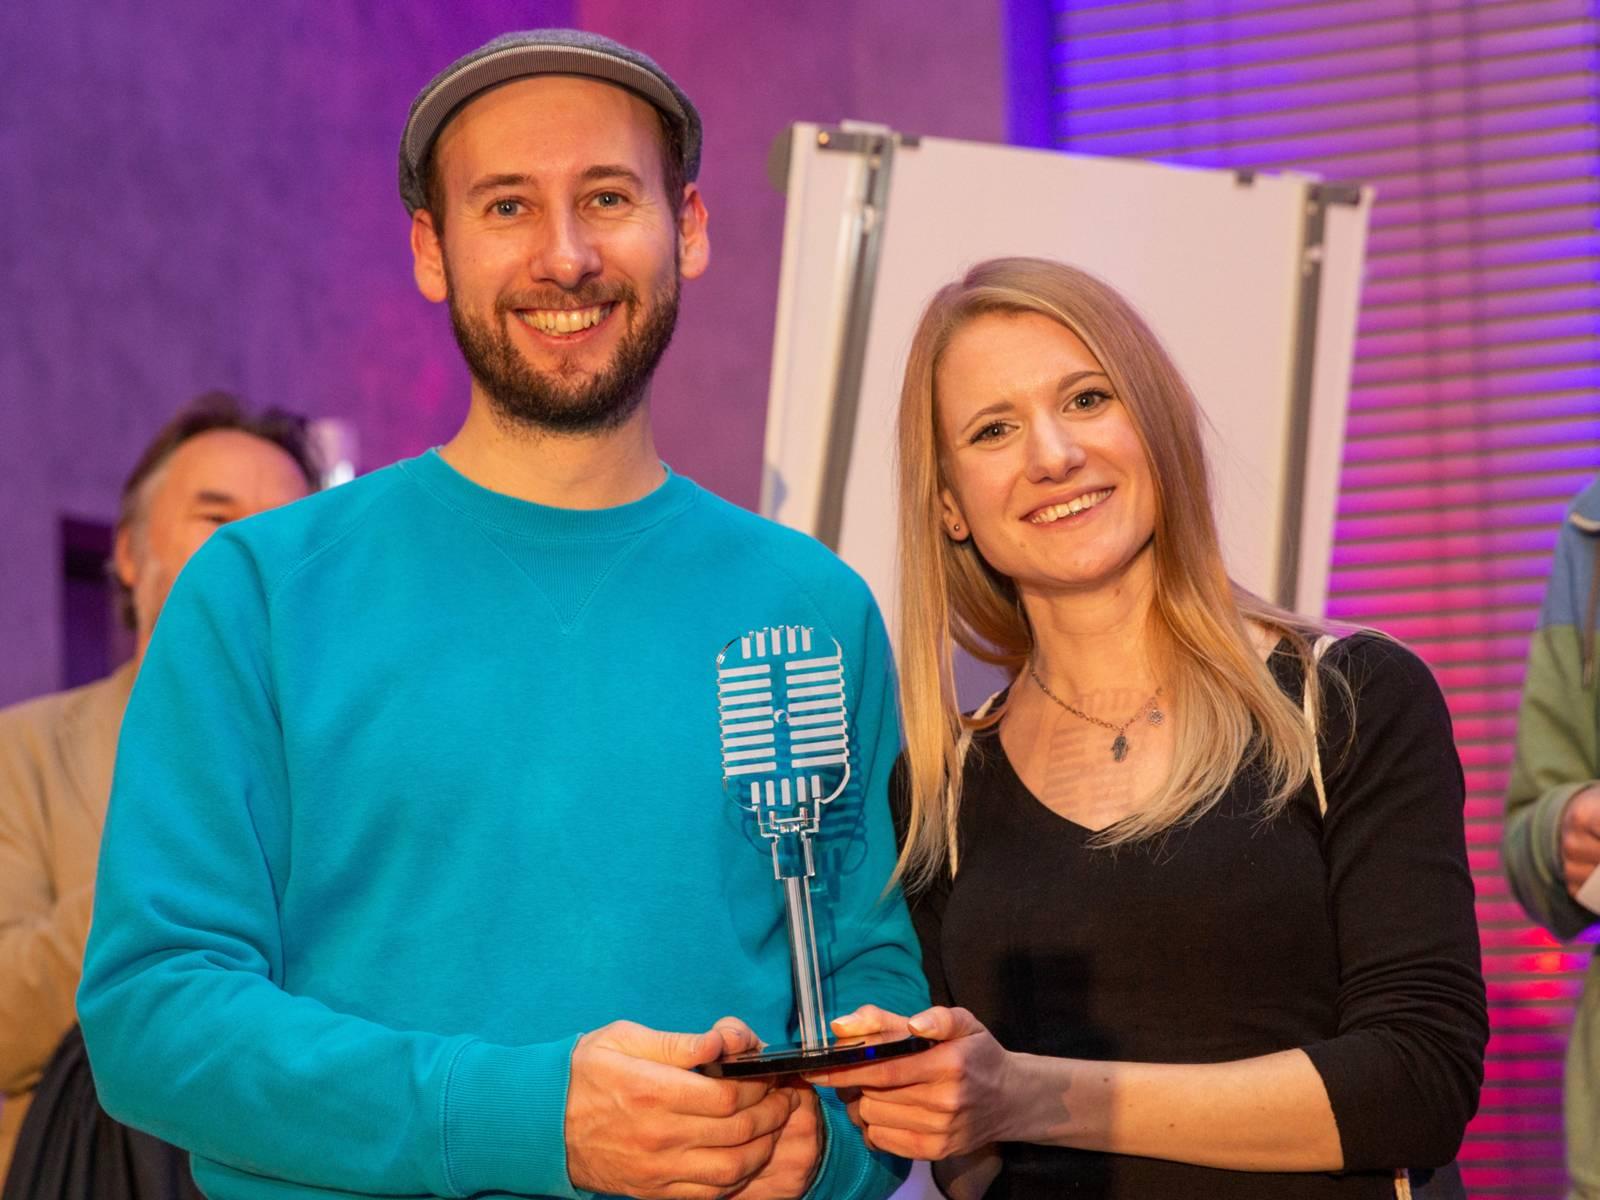 Ein Mann und eine Frau, beide halten einen gläsernen Pokal in Form eines Mikrofons in den Händen